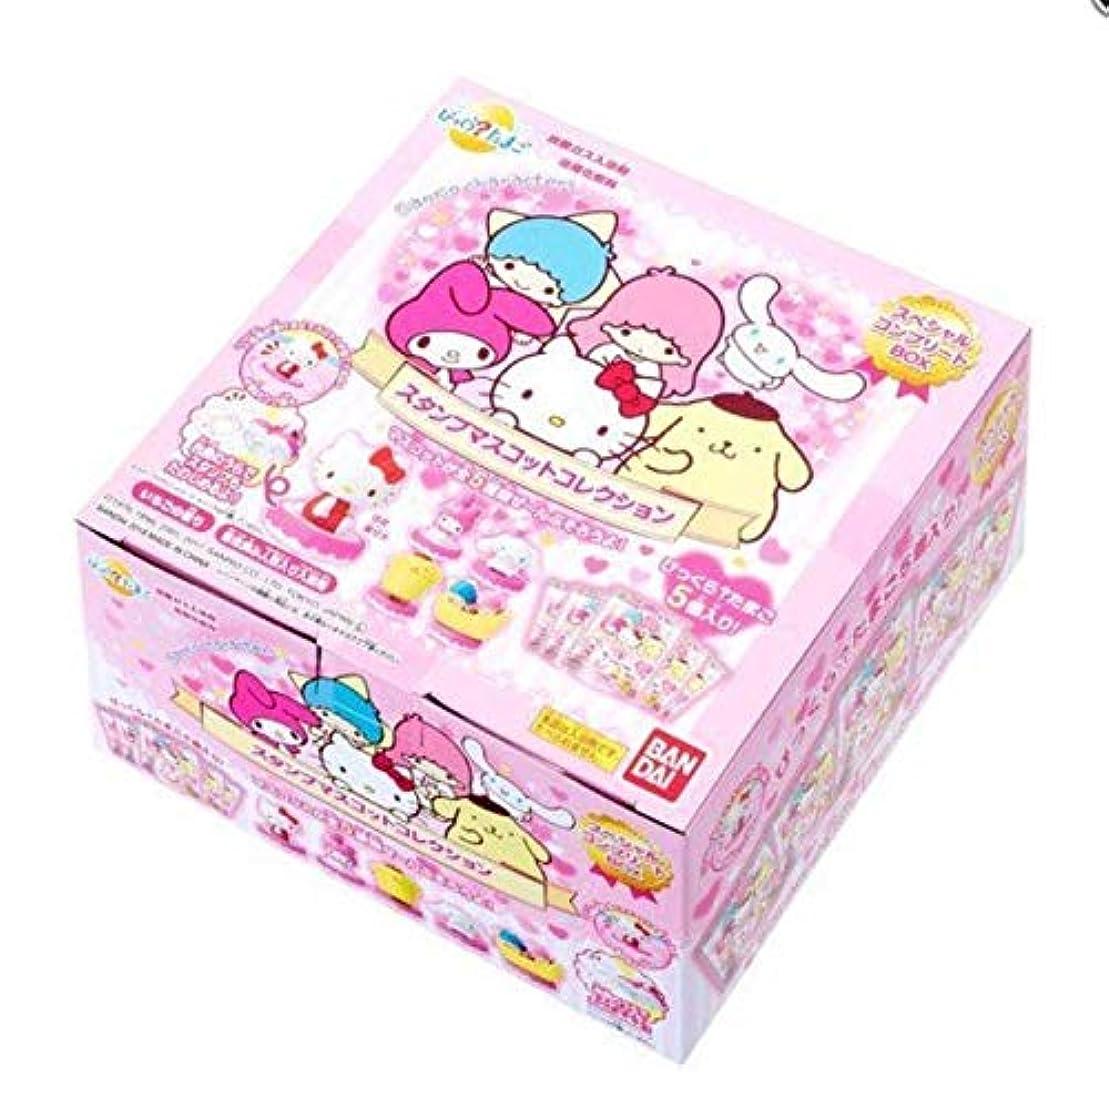 プラカード興奮する休みびっくら?たまご サンリオキャラクターズ スタンプマスコットコレクション スペシャルコンプリートBOX